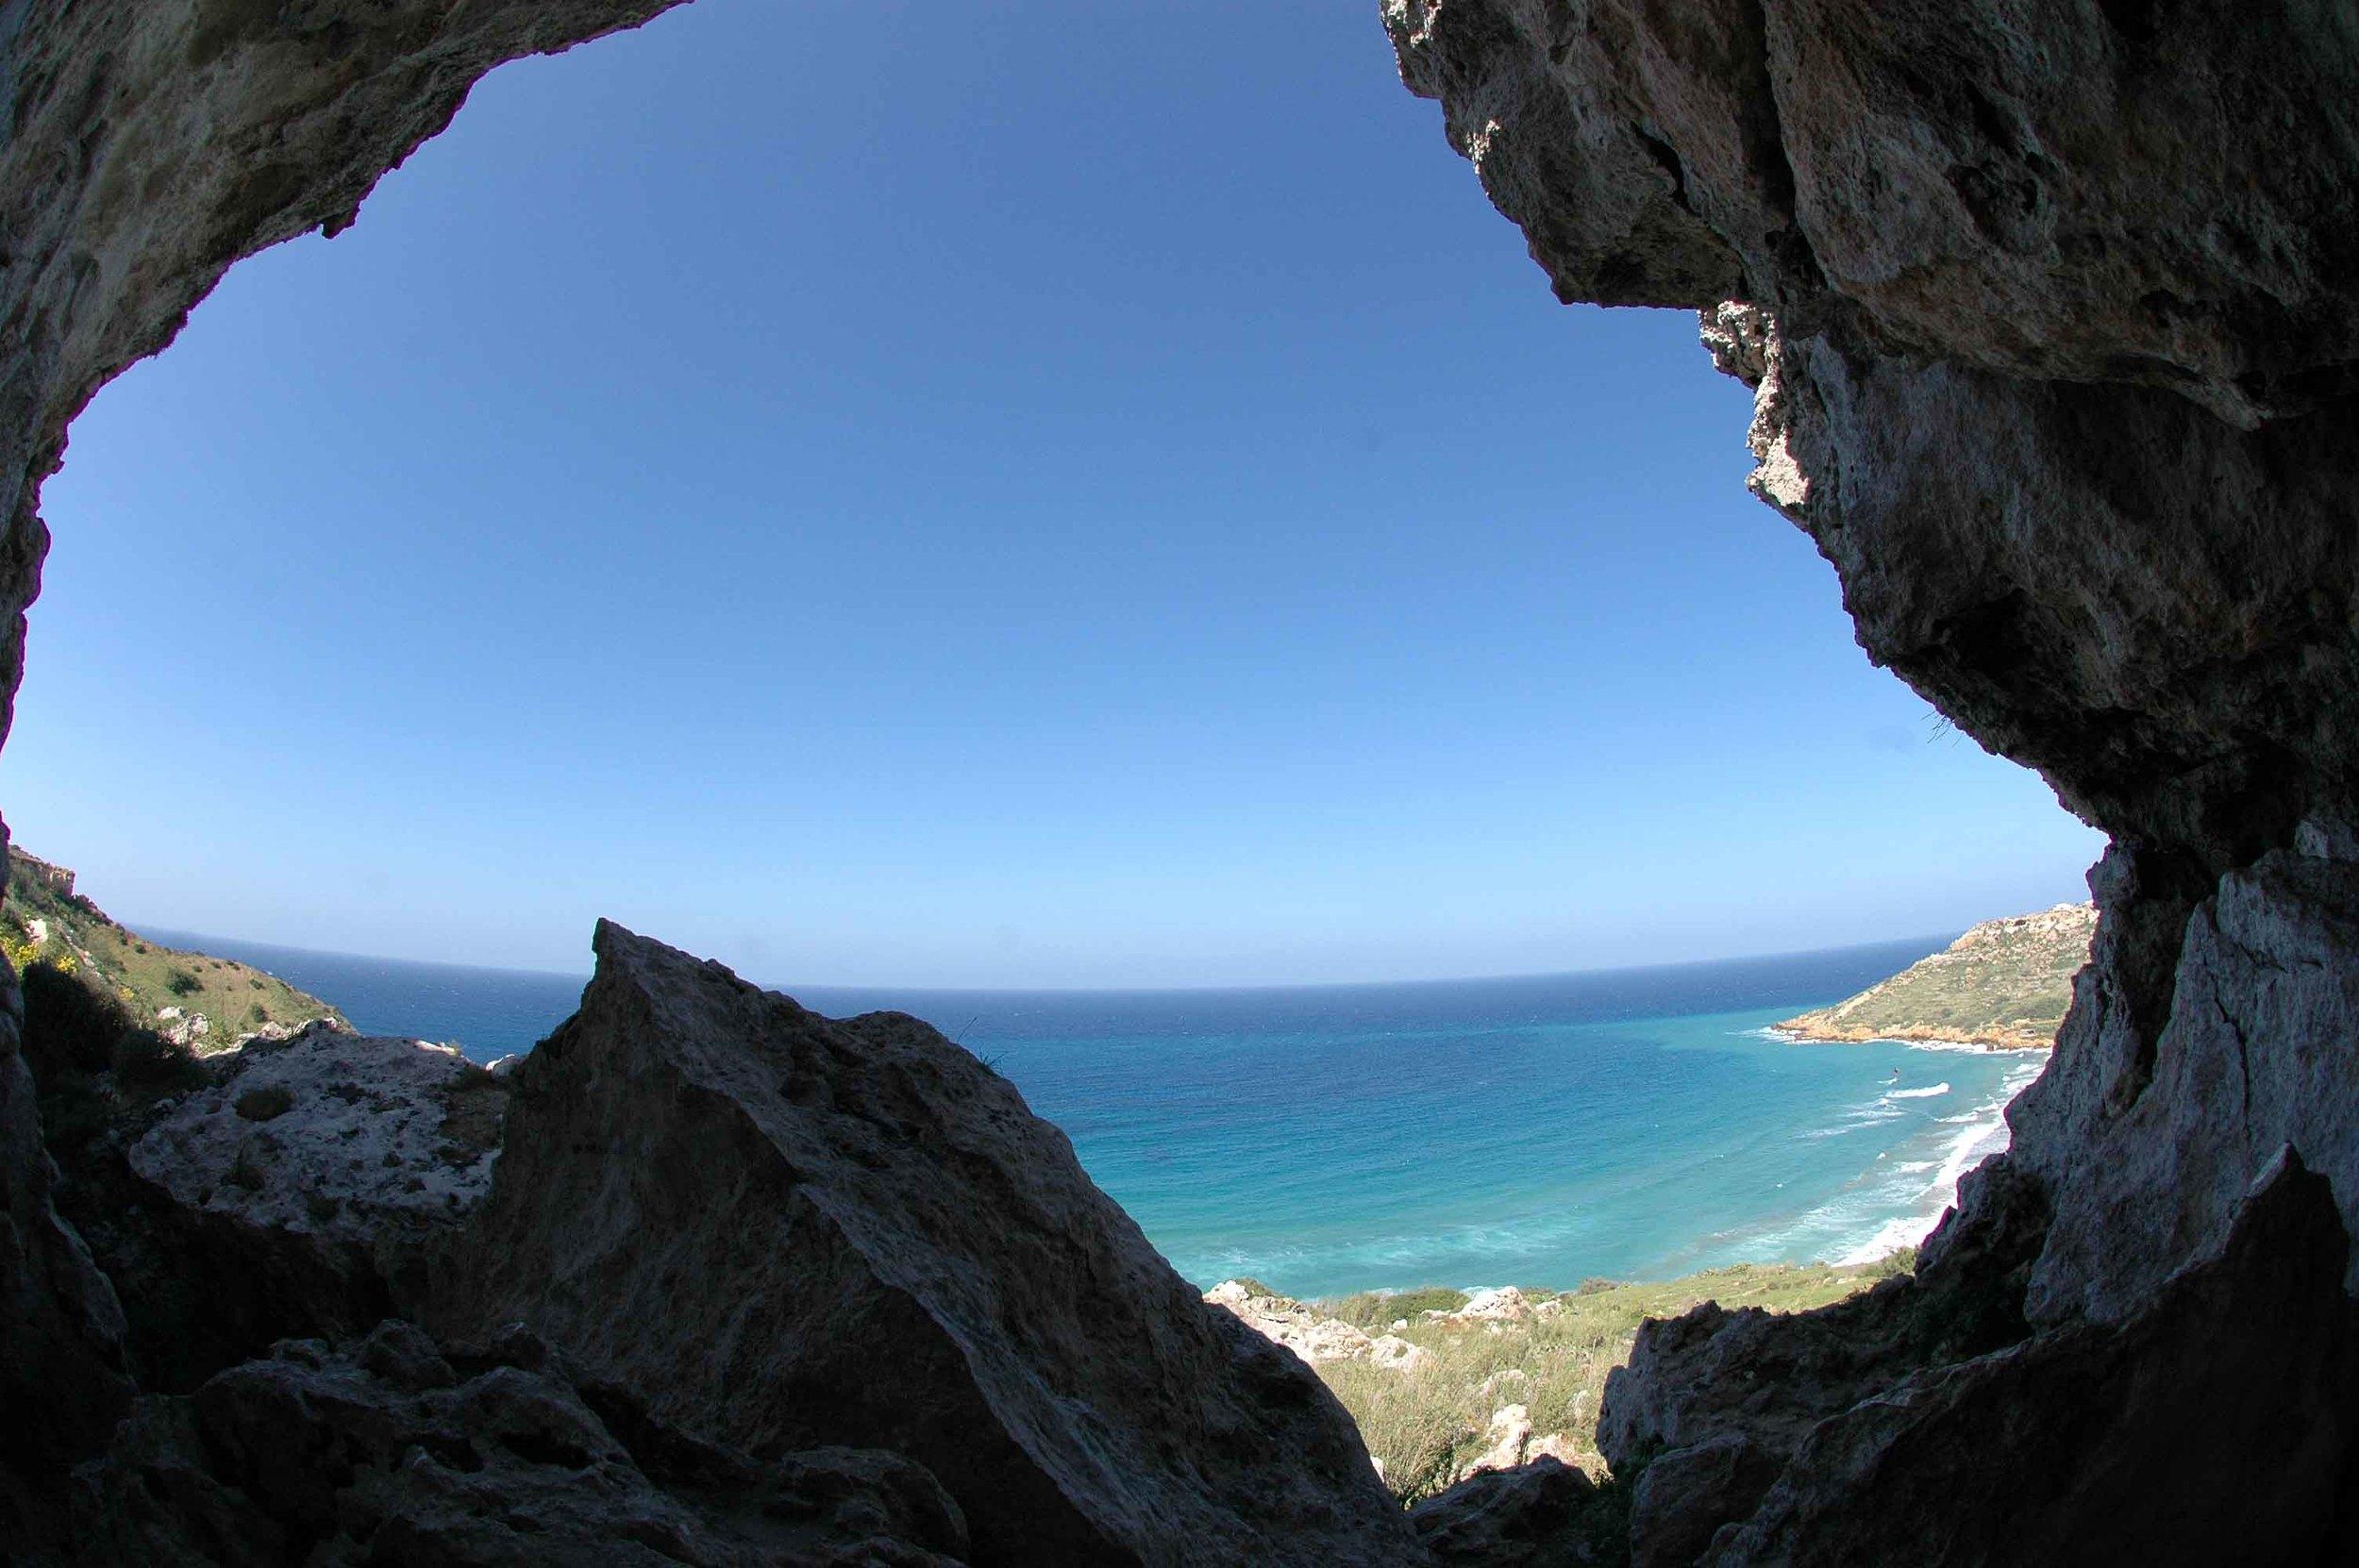 Gozo - Ramla bay by Rene Rossignaud